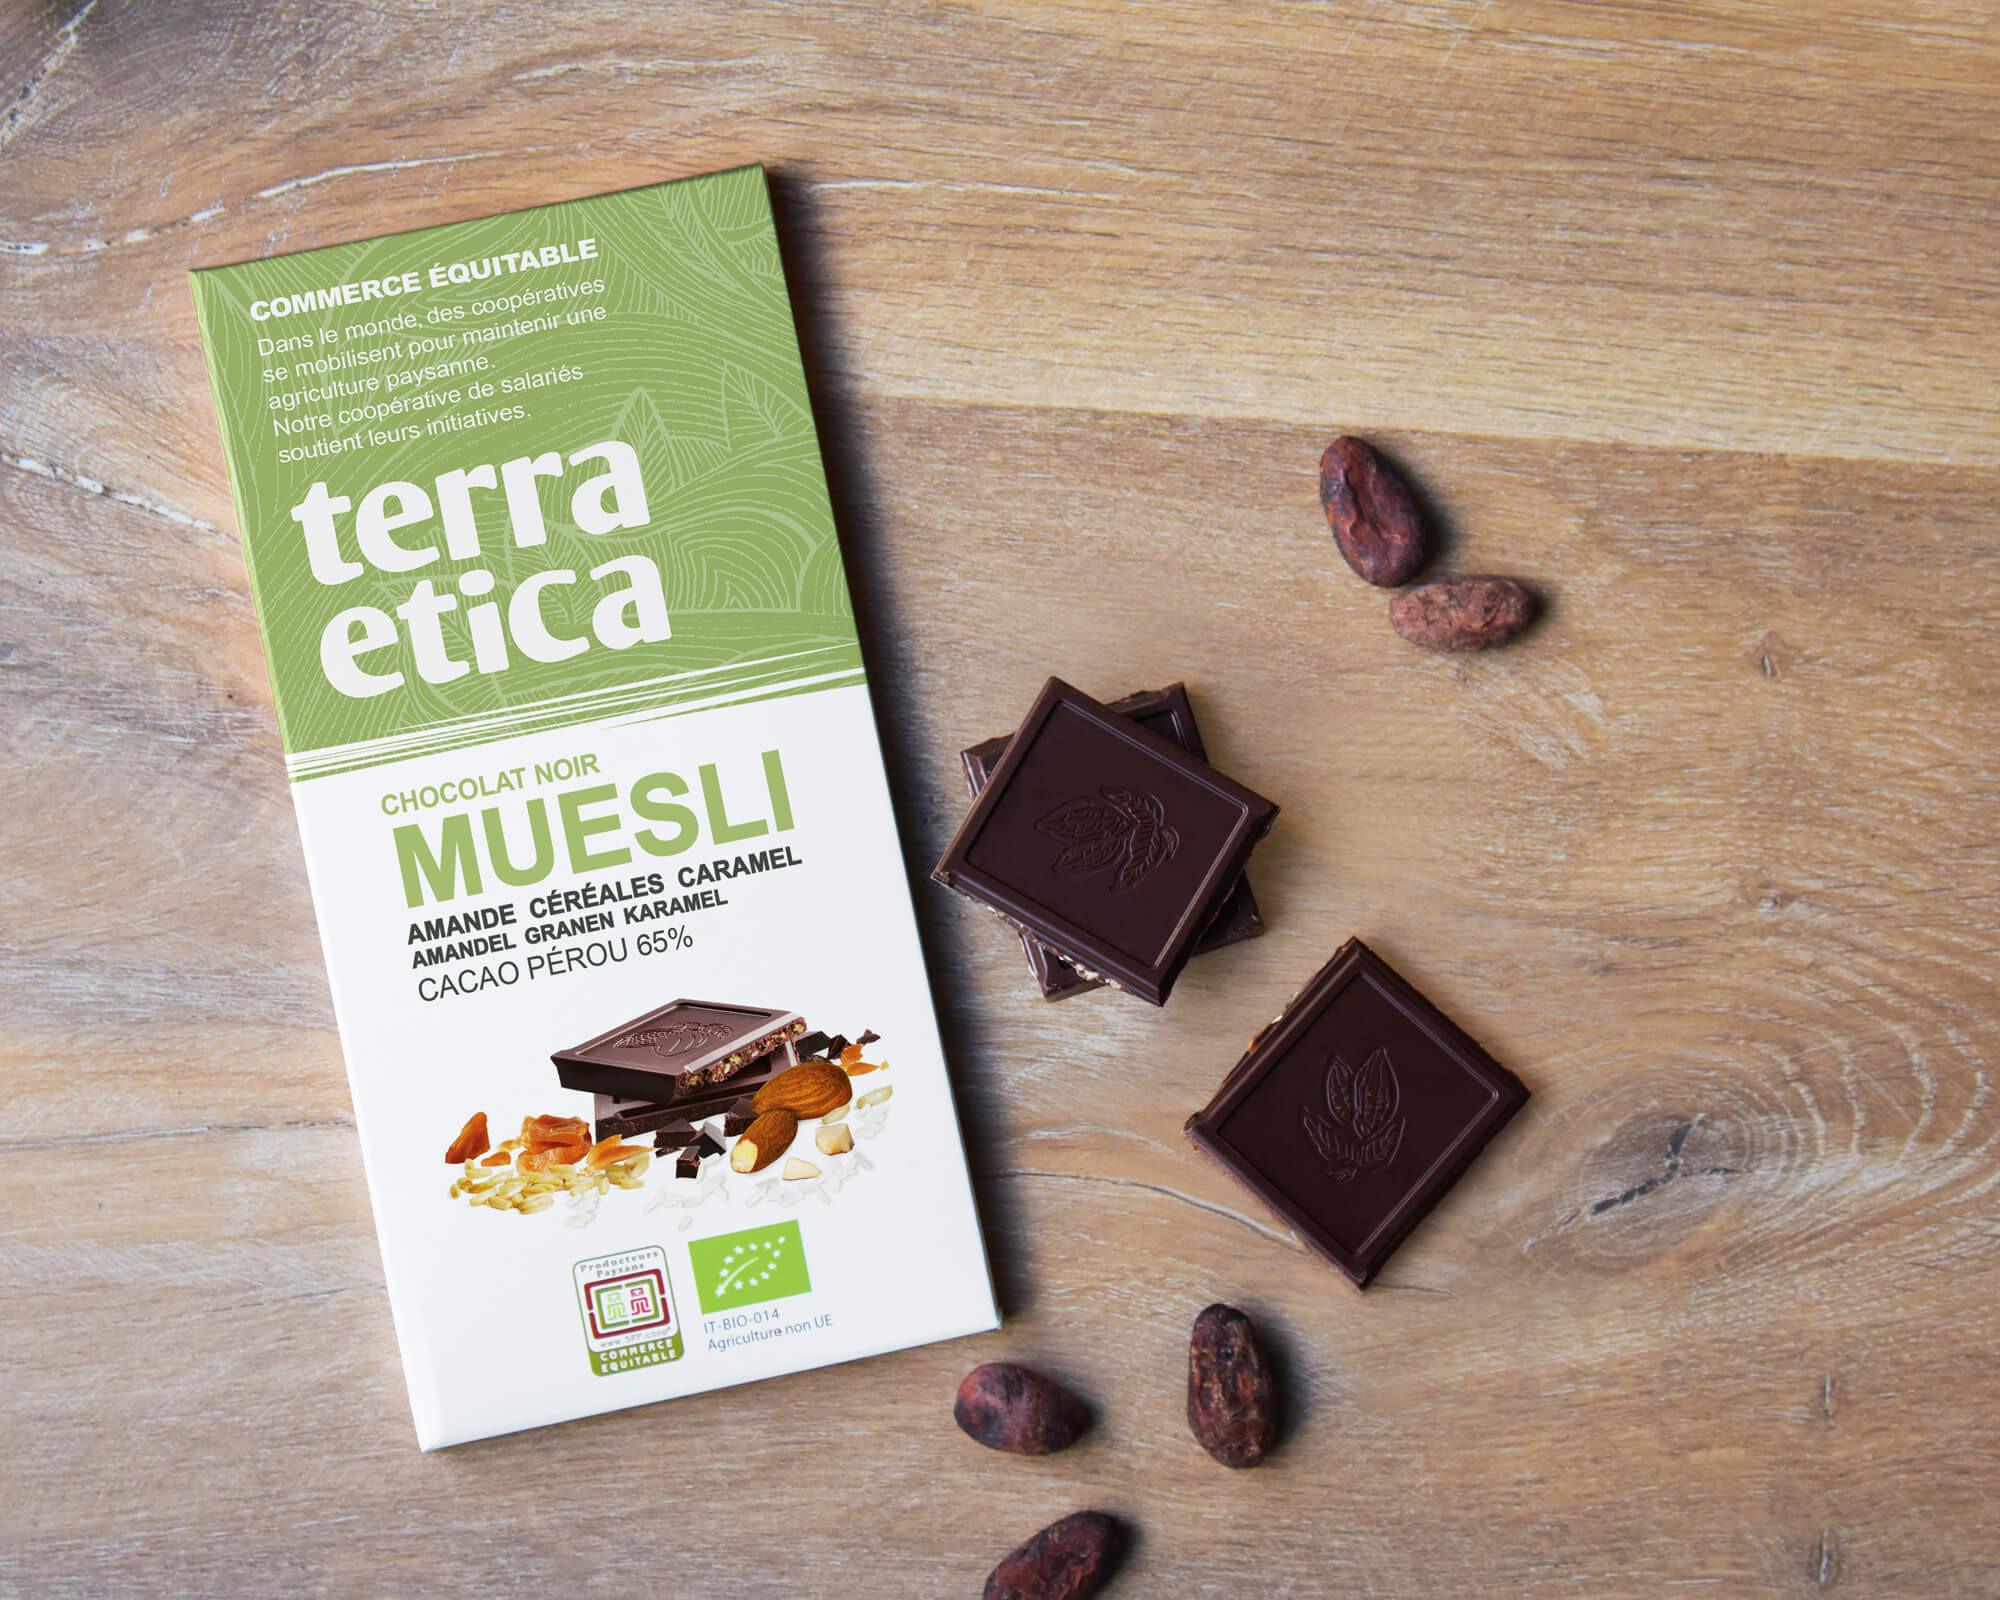 Chocolat noir au Muesli bio et équitable 65% cacao I Terra Etica